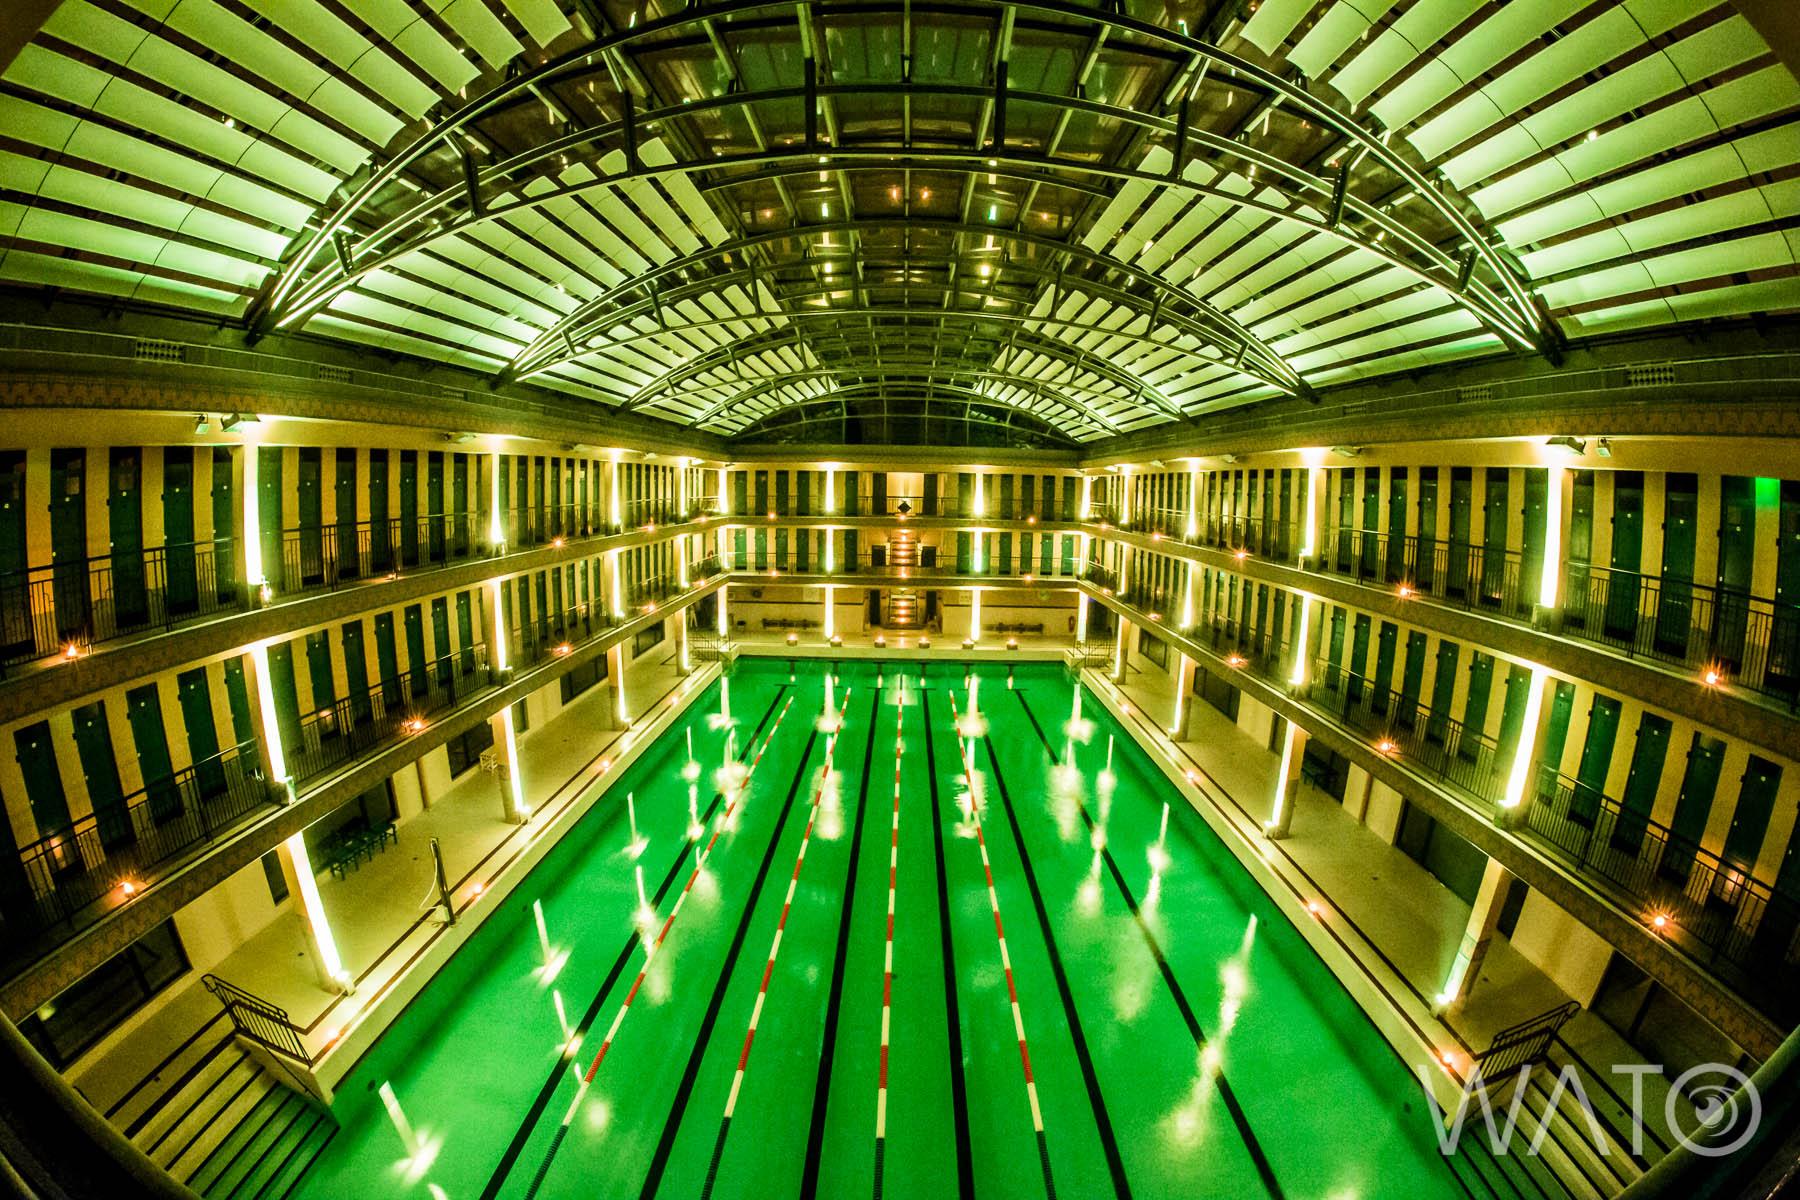 Gagnez vos places pour la soir e underwater 3 la piscine for Piscine pailleron